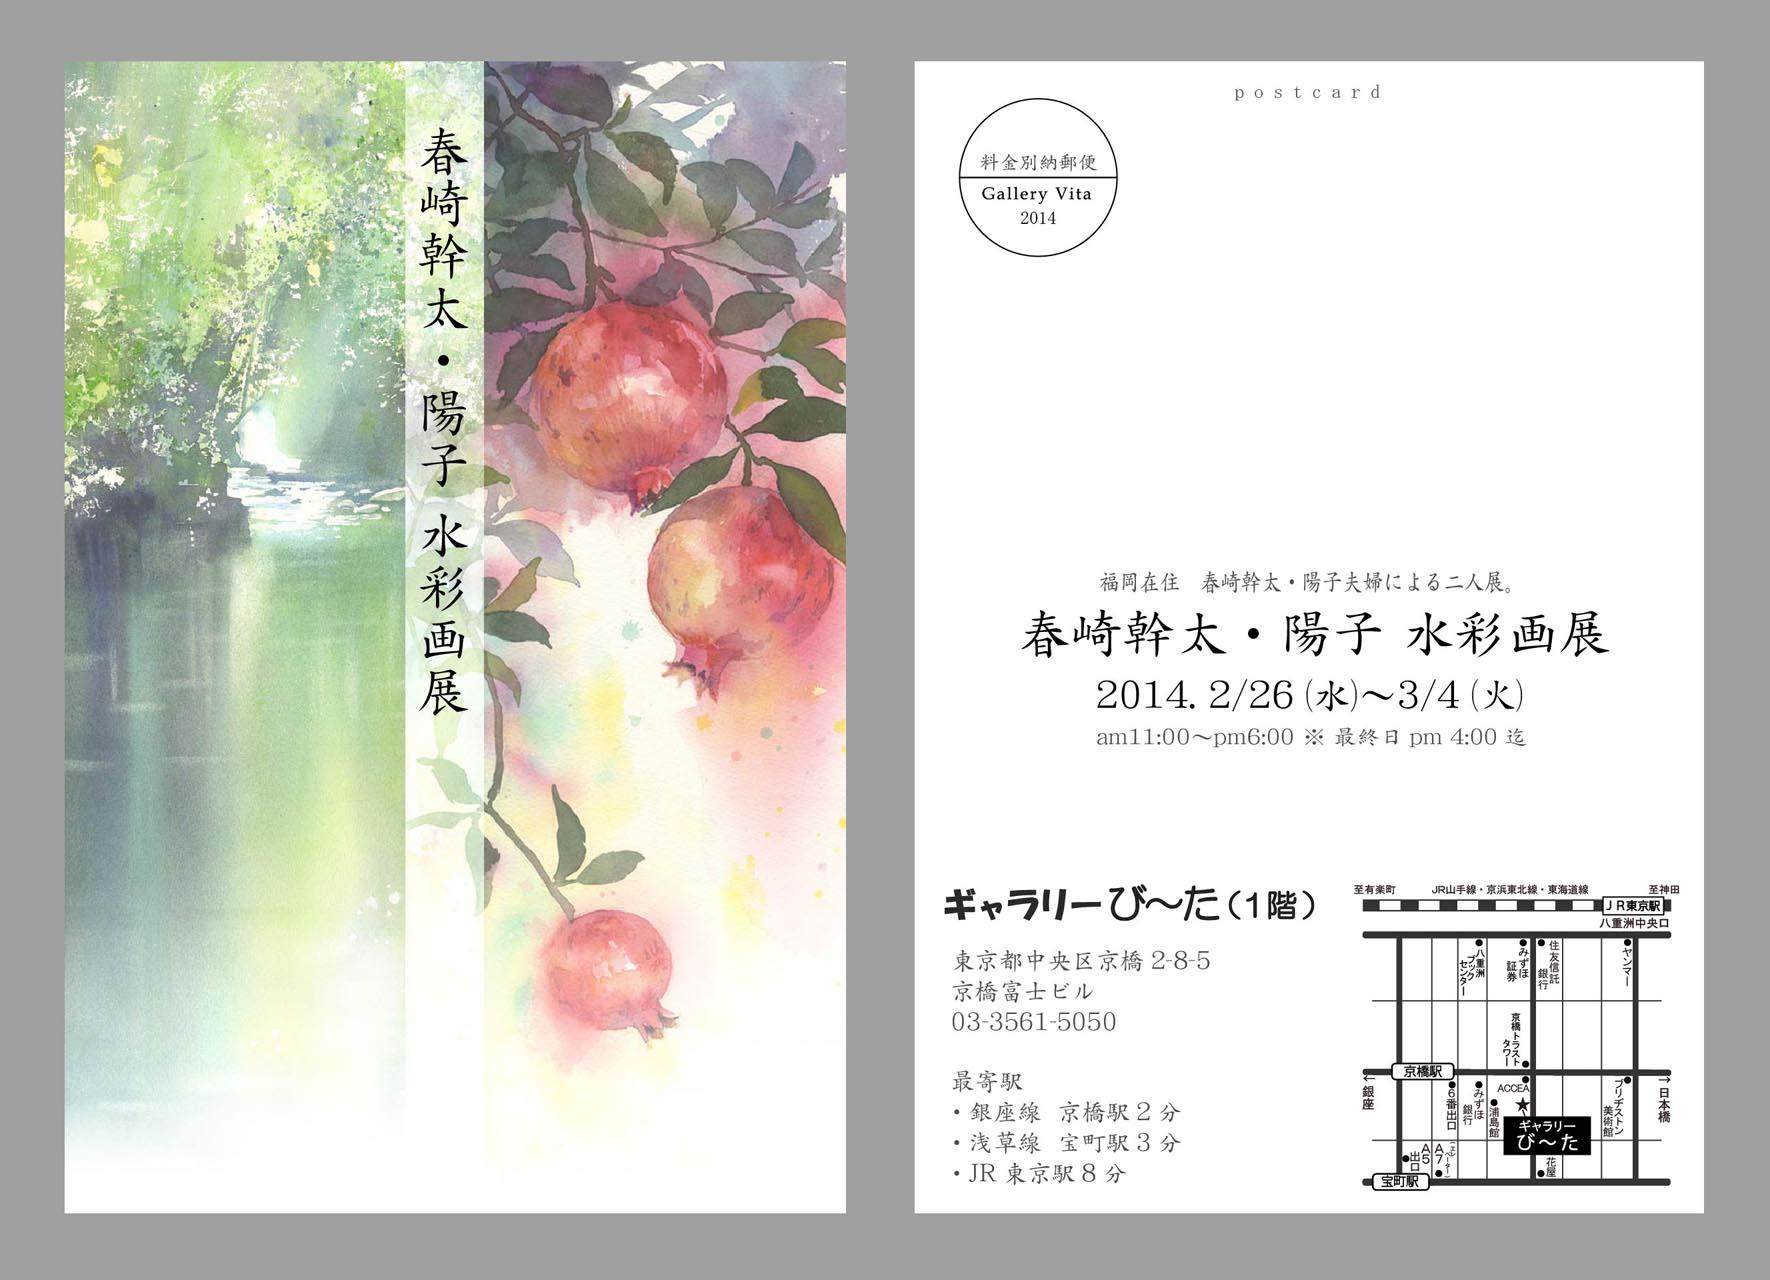 2014  春崎幹太・陽子水彩画展_f0176370_984291.jpg